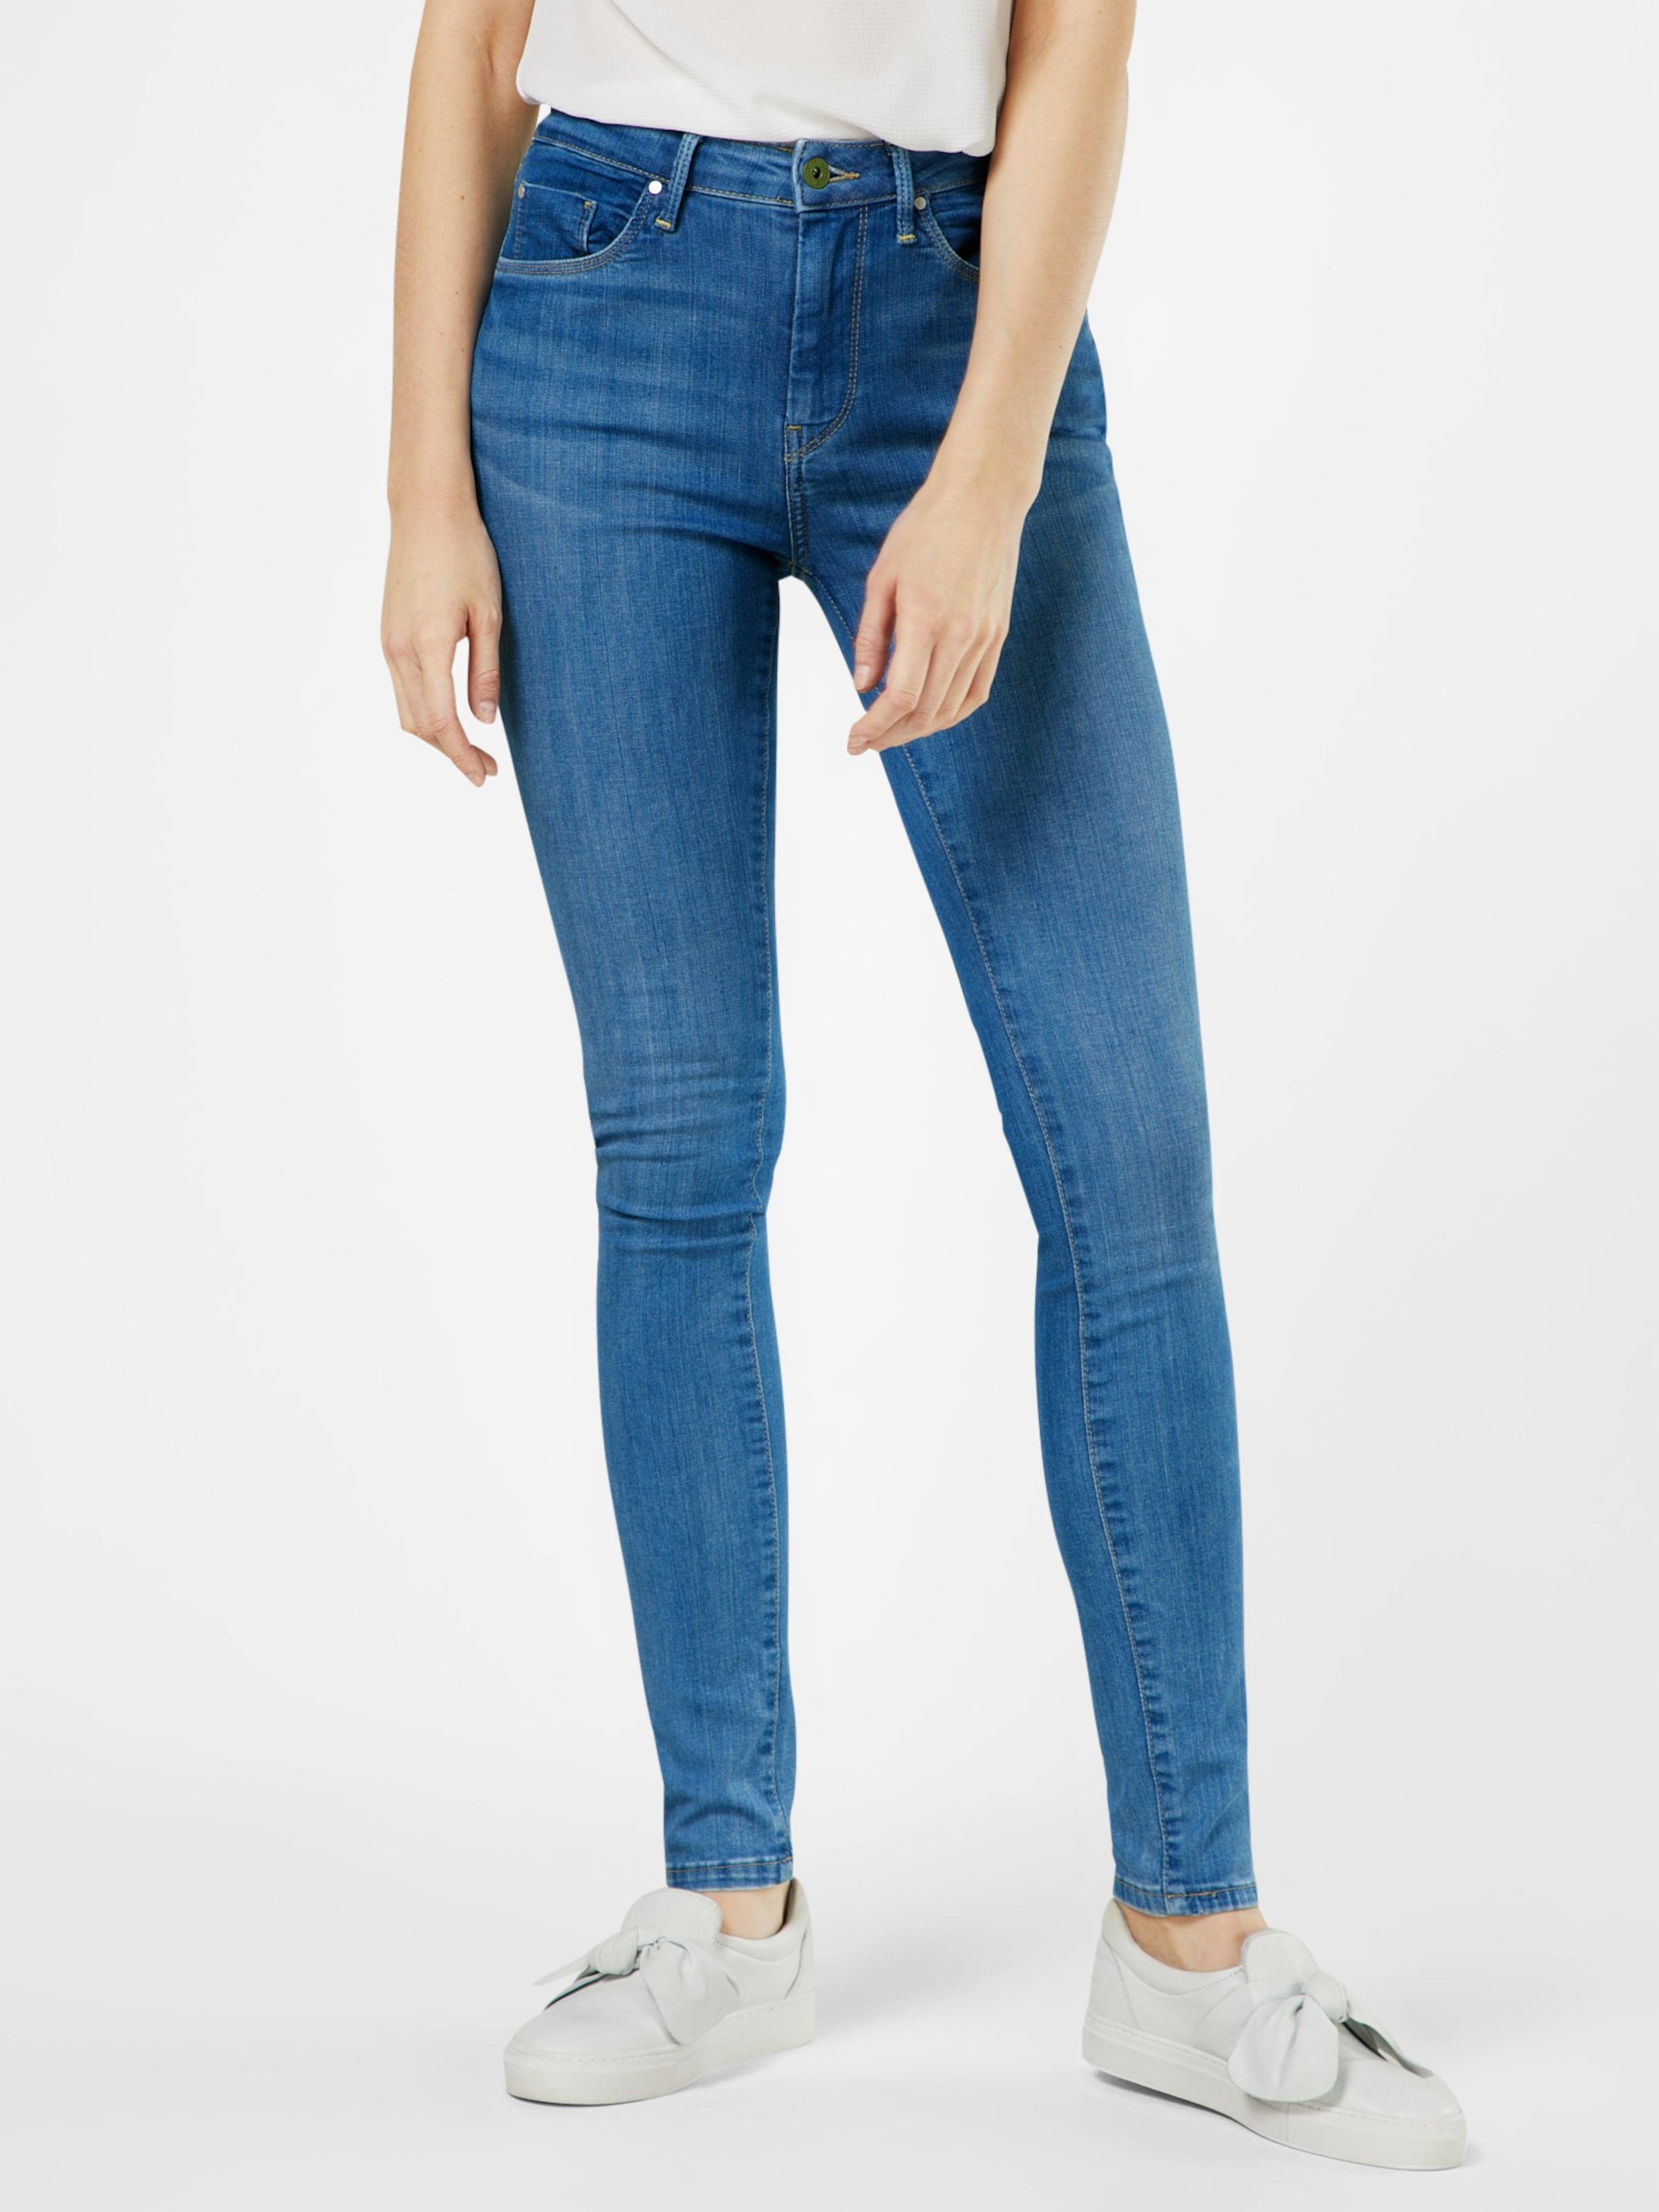 Bester Verkauf Günstig Online Pepe Jeans Jeans 'REGENT' Genießen Besuchen Neue Mit Mastercard Zum Verkauf of5XNrRYVG